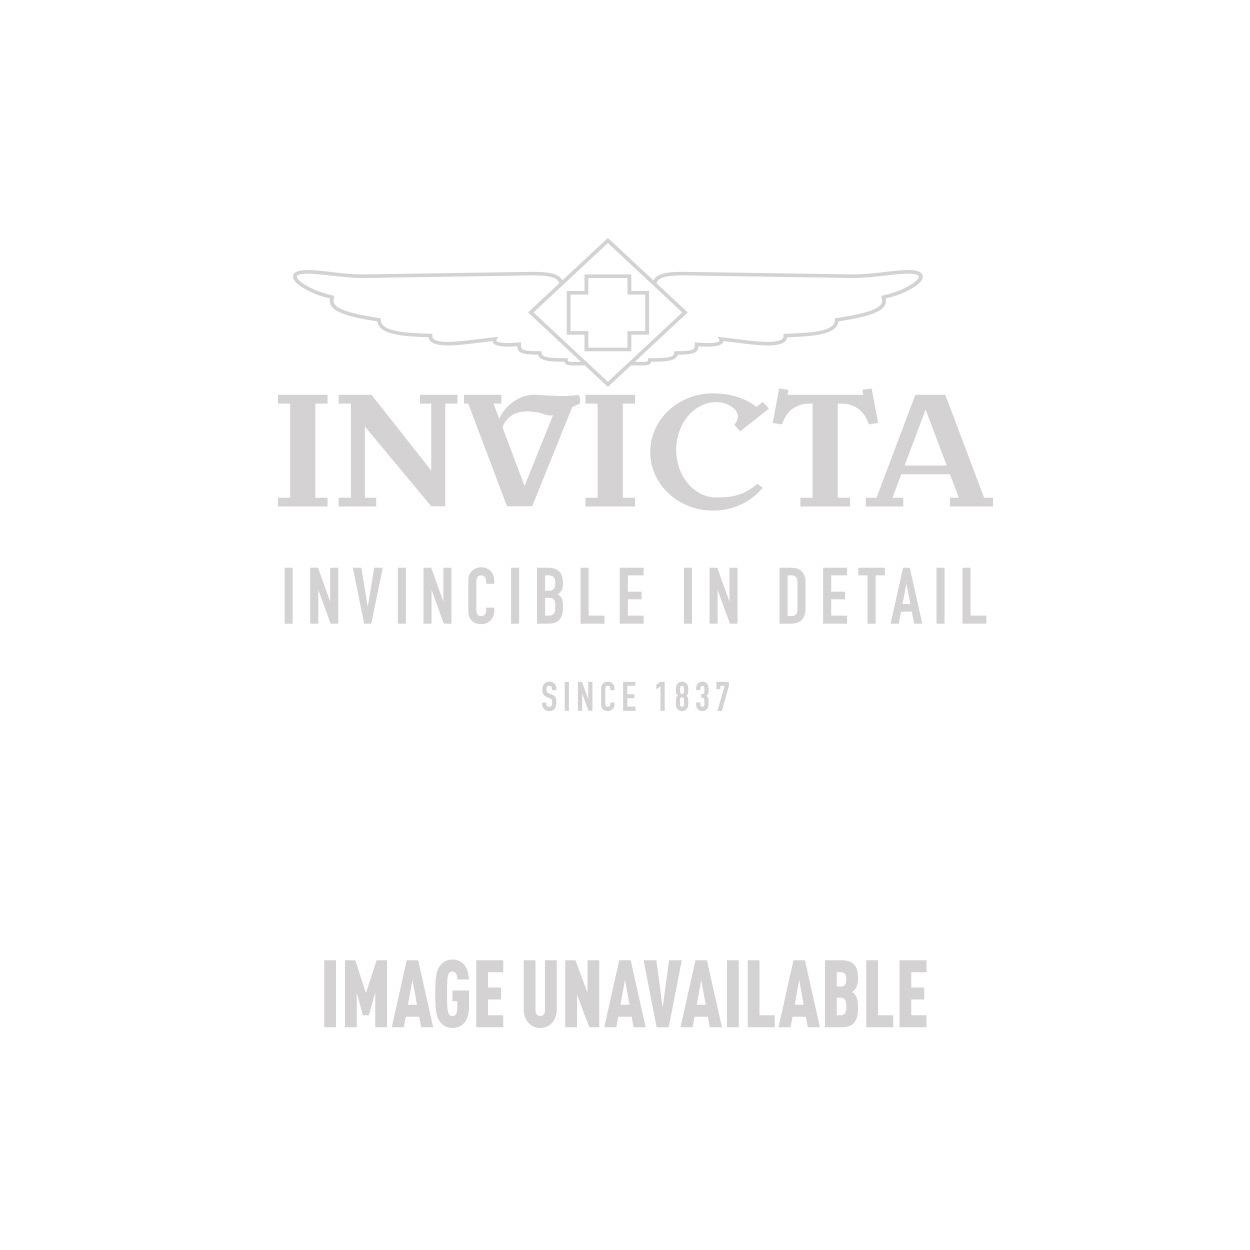 Invicta Model 24876